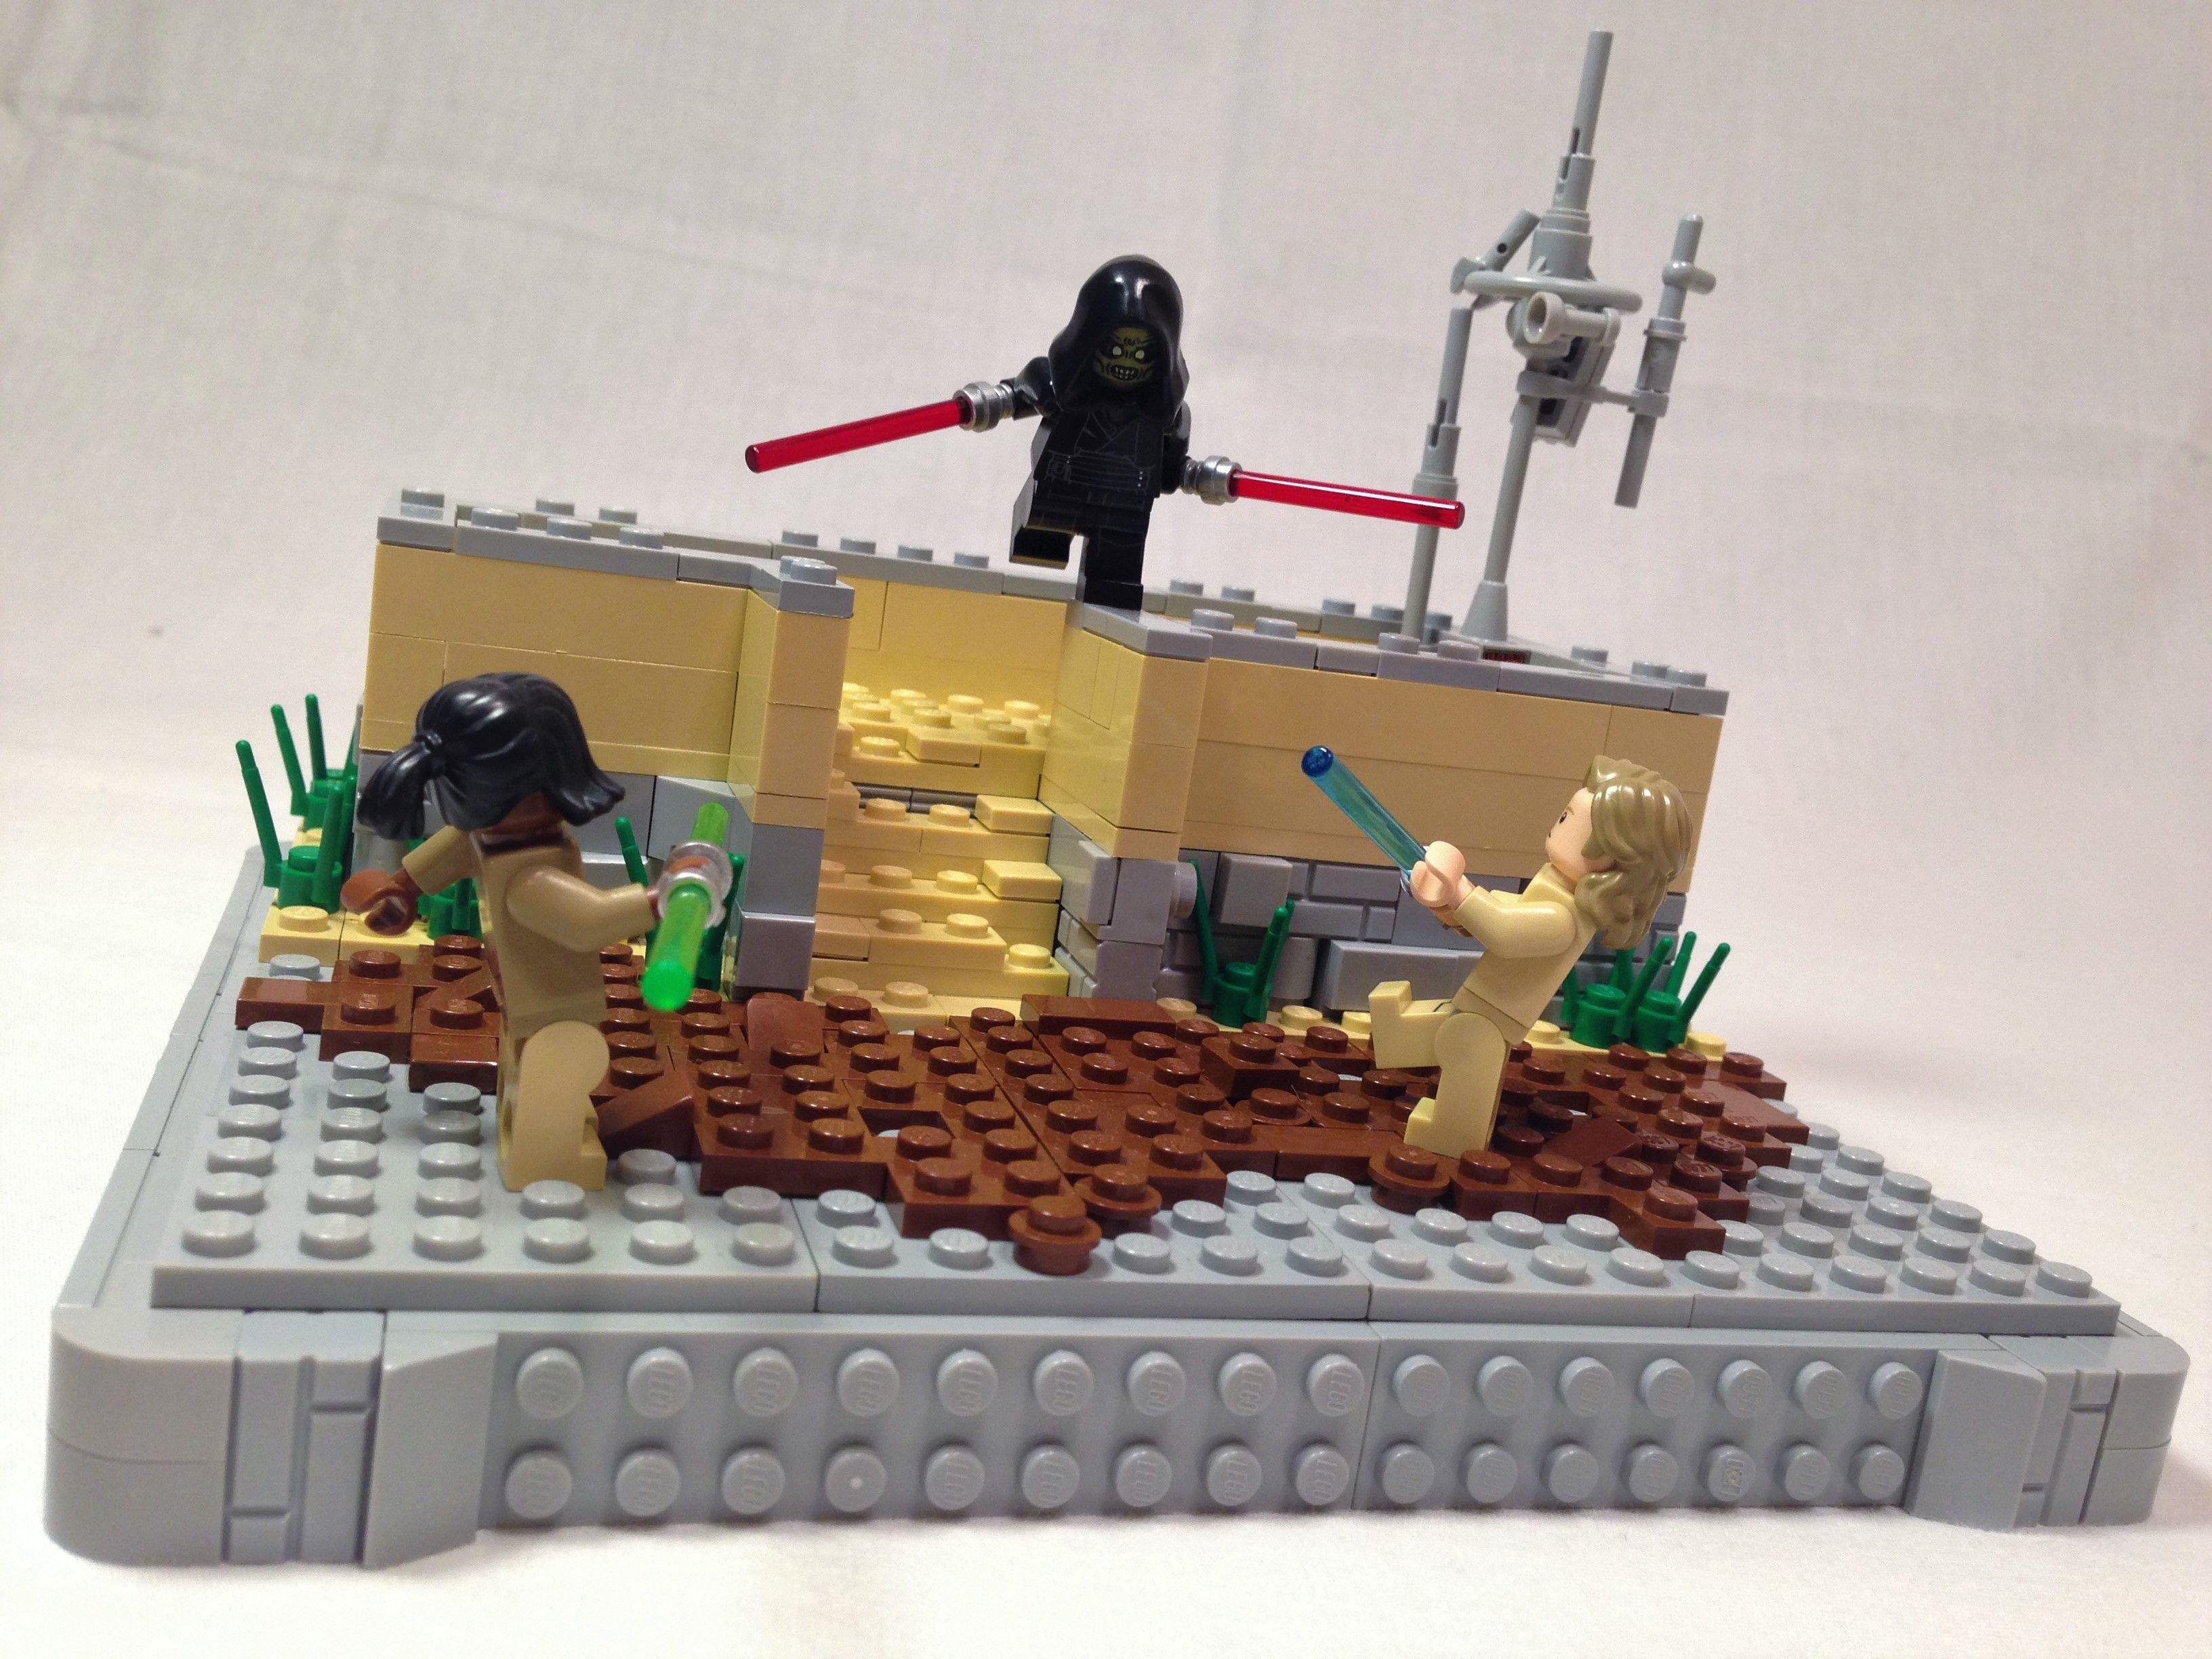 Jedi Vs Sith Showdown Lego Star Wars Moc Lego Star Wars Moc Lego Star Wars Lego Star Wars Mocs